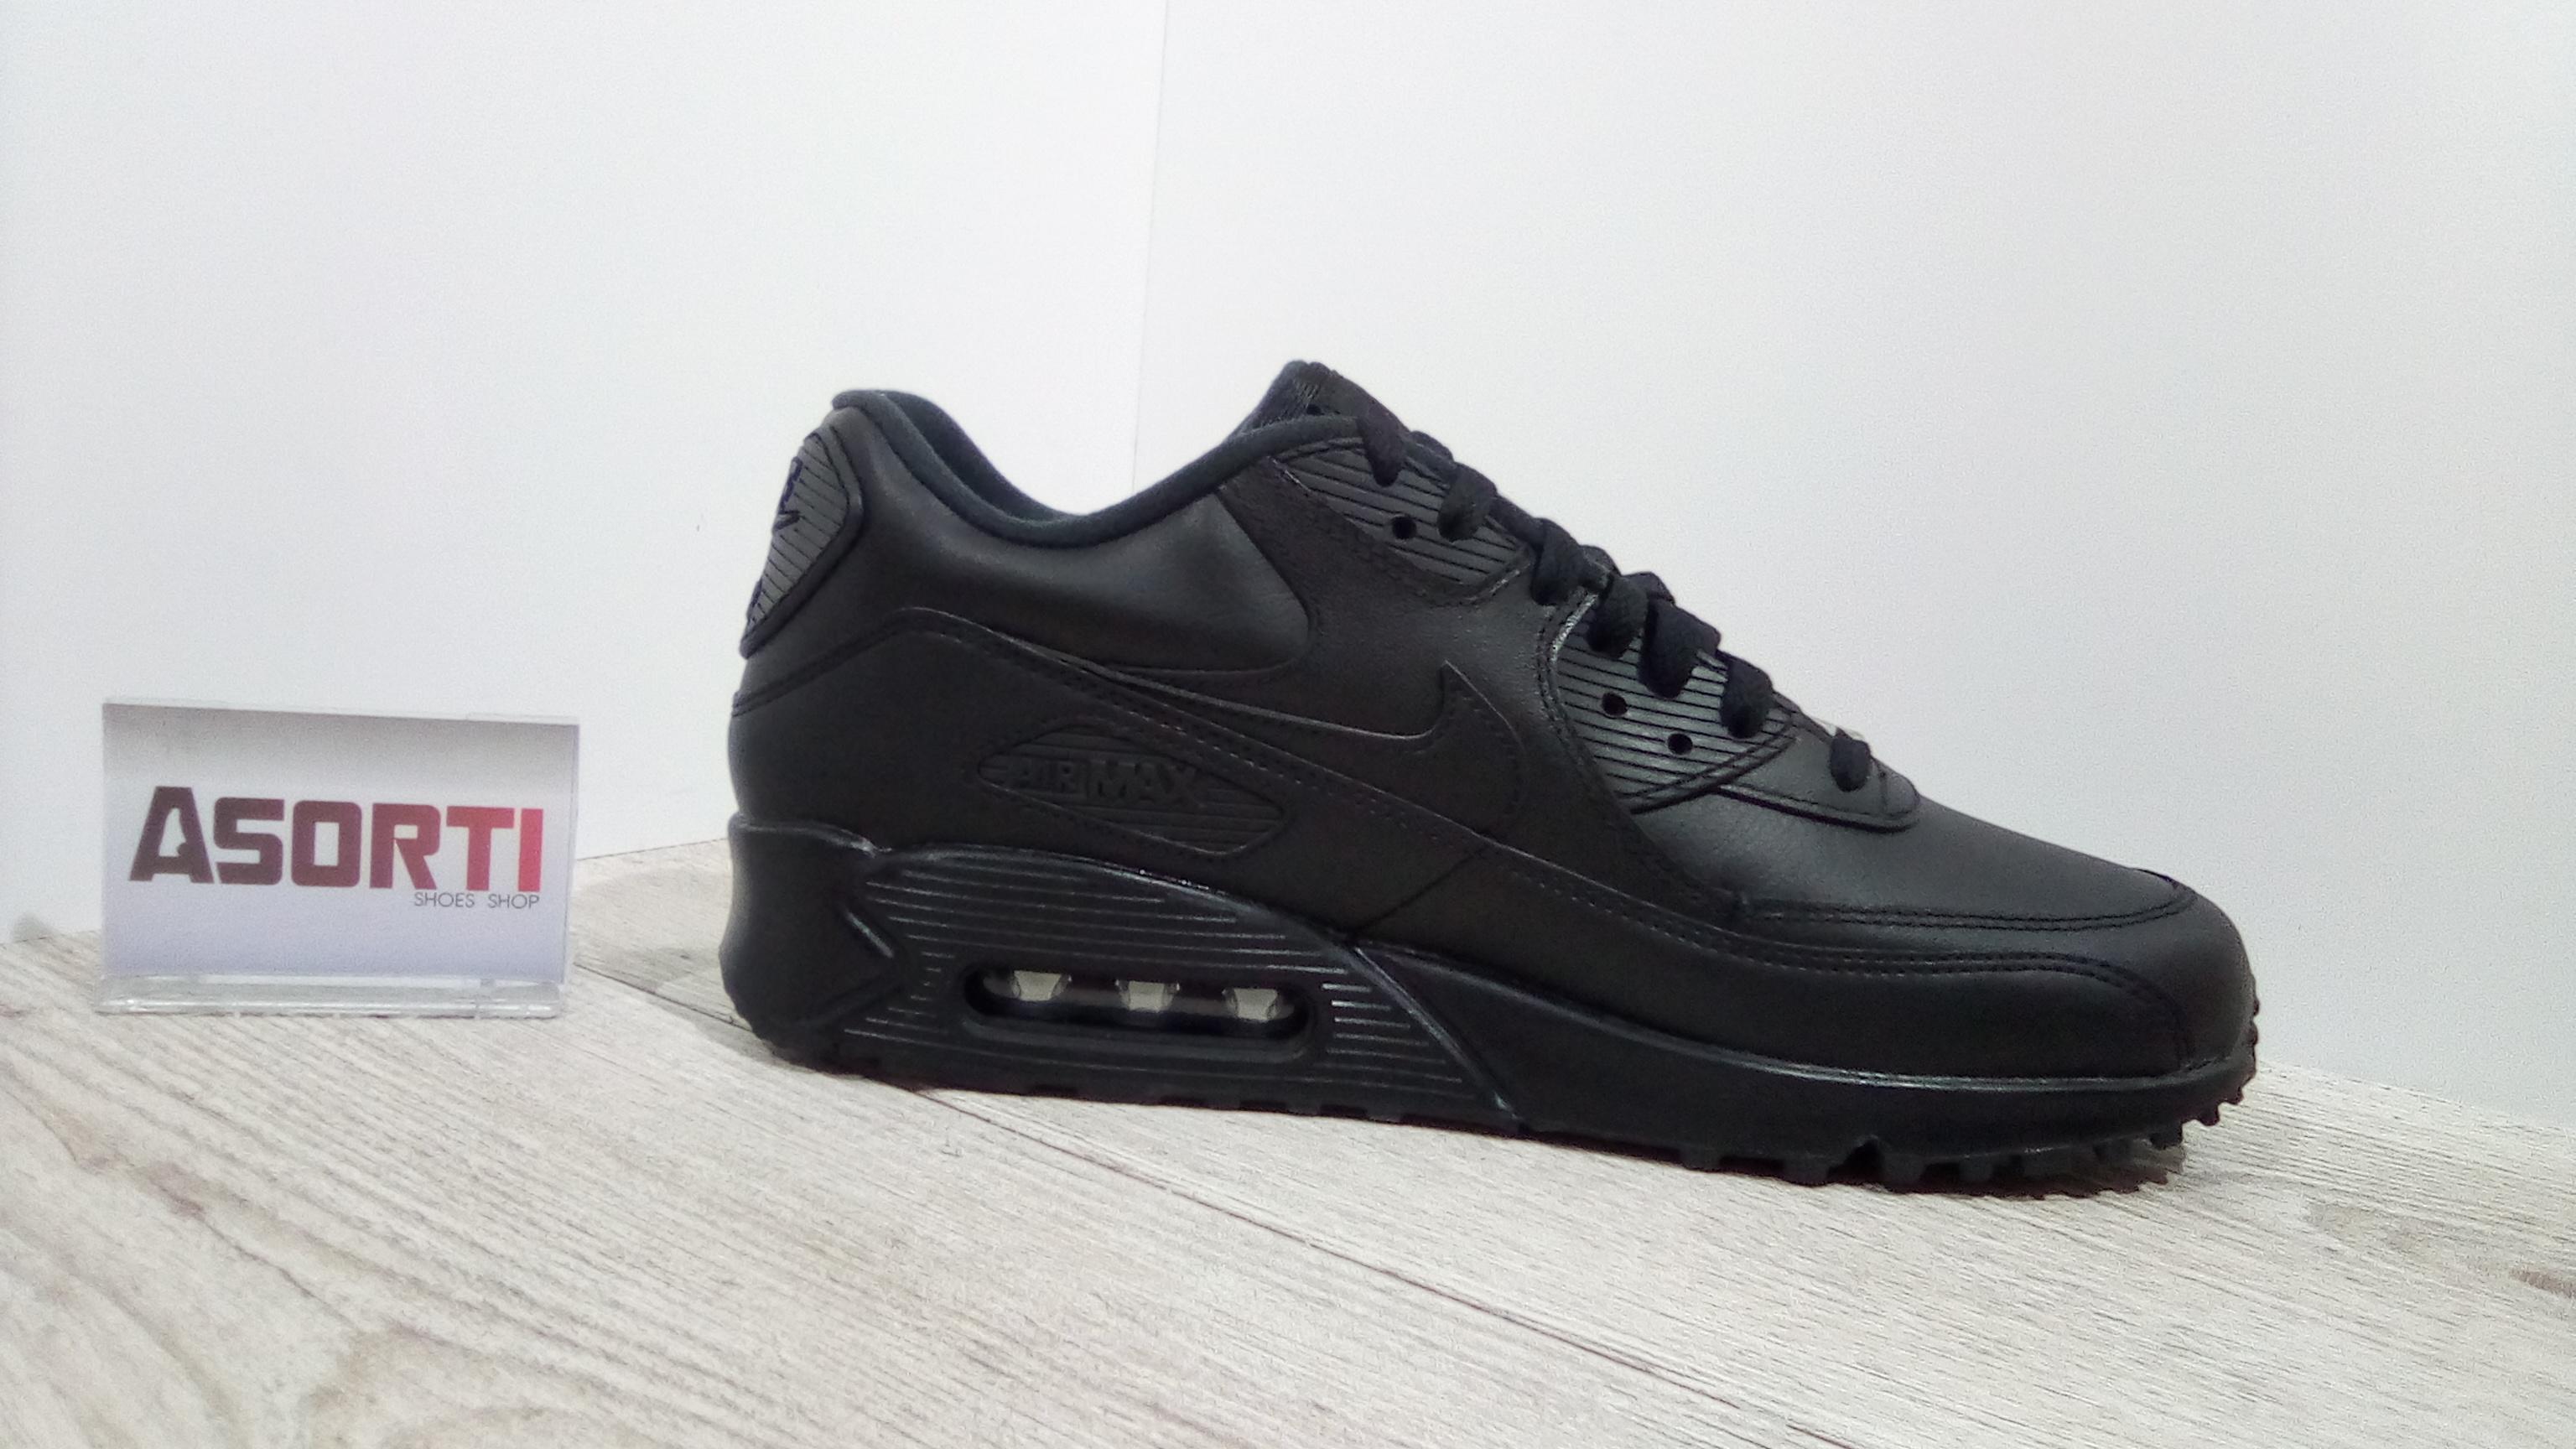 Мужские кроссовки Nike Air Max 90 Leather (302519-001) черные купить ... 62e31b98ccaac